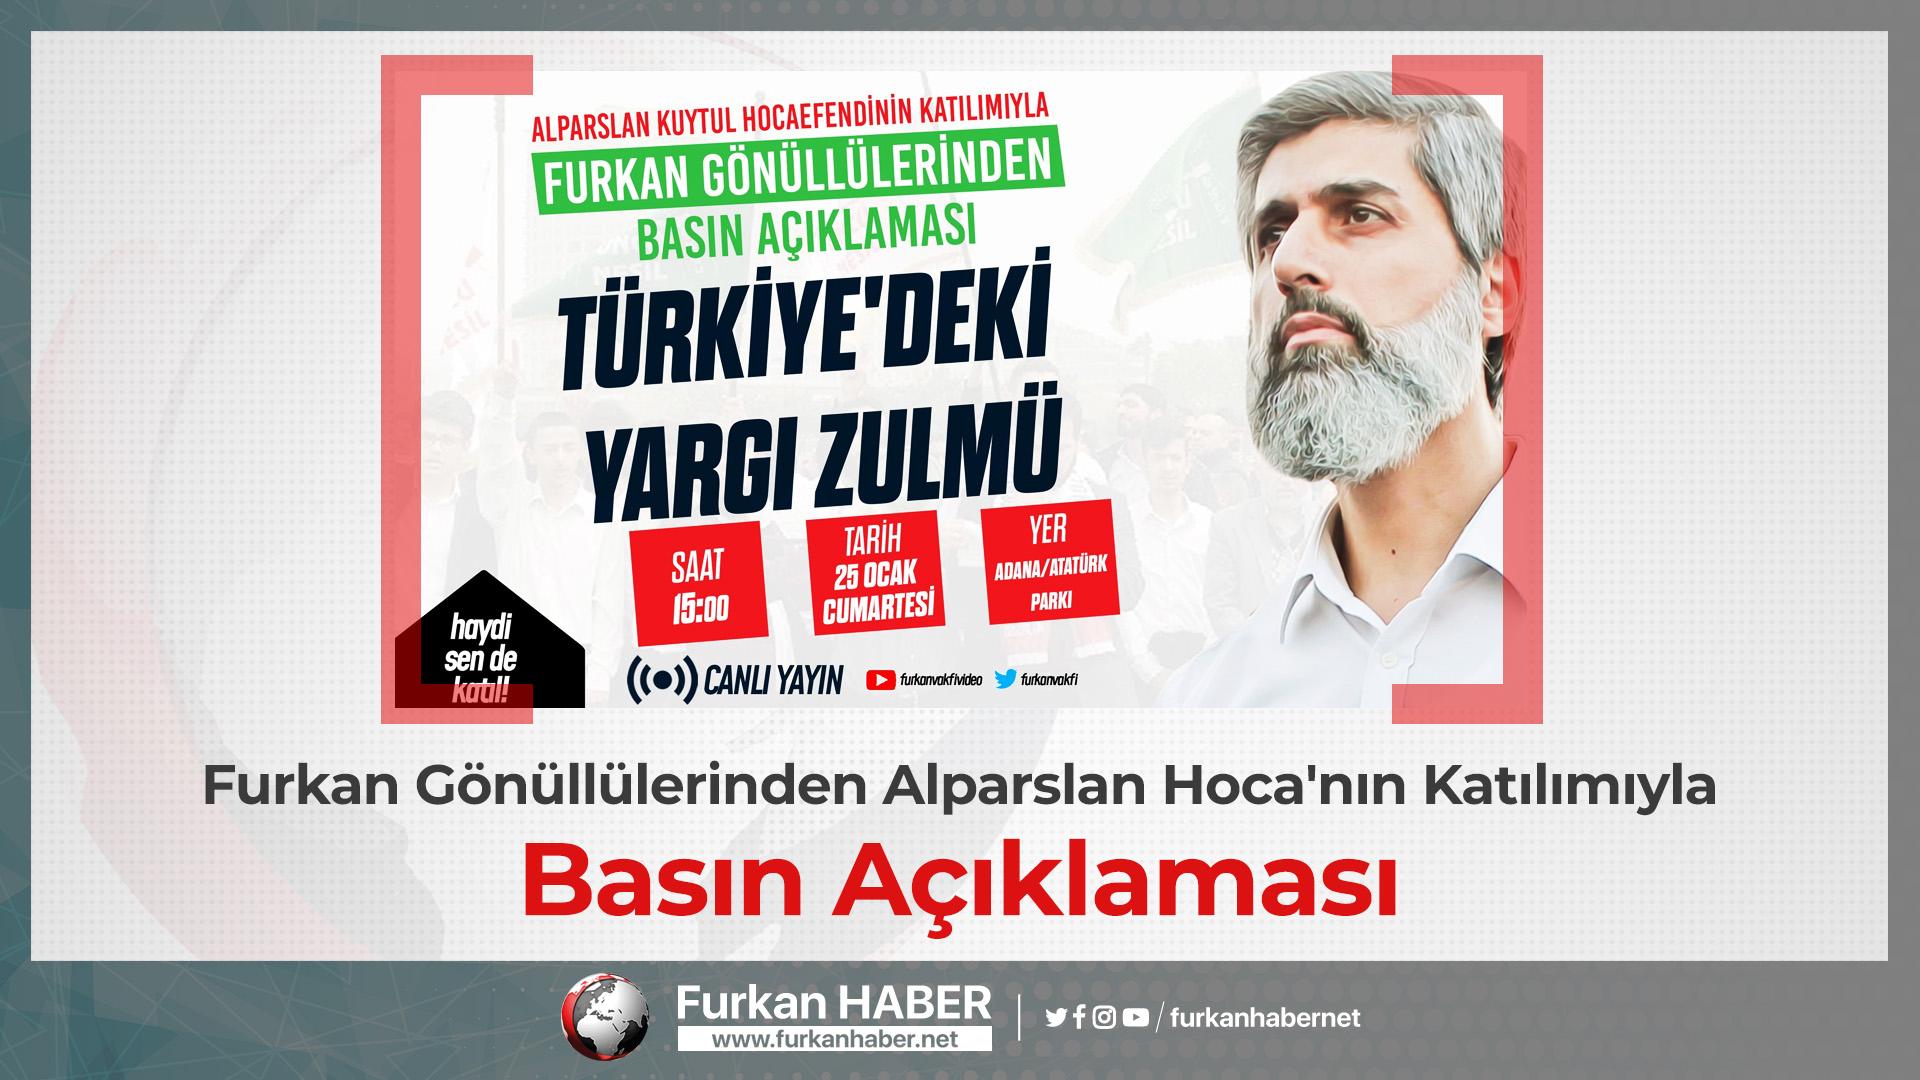 Furkan Gönüllülerinden Alparslan Kuytul Hoca'nın Katılımıyla Basın Açıklaması